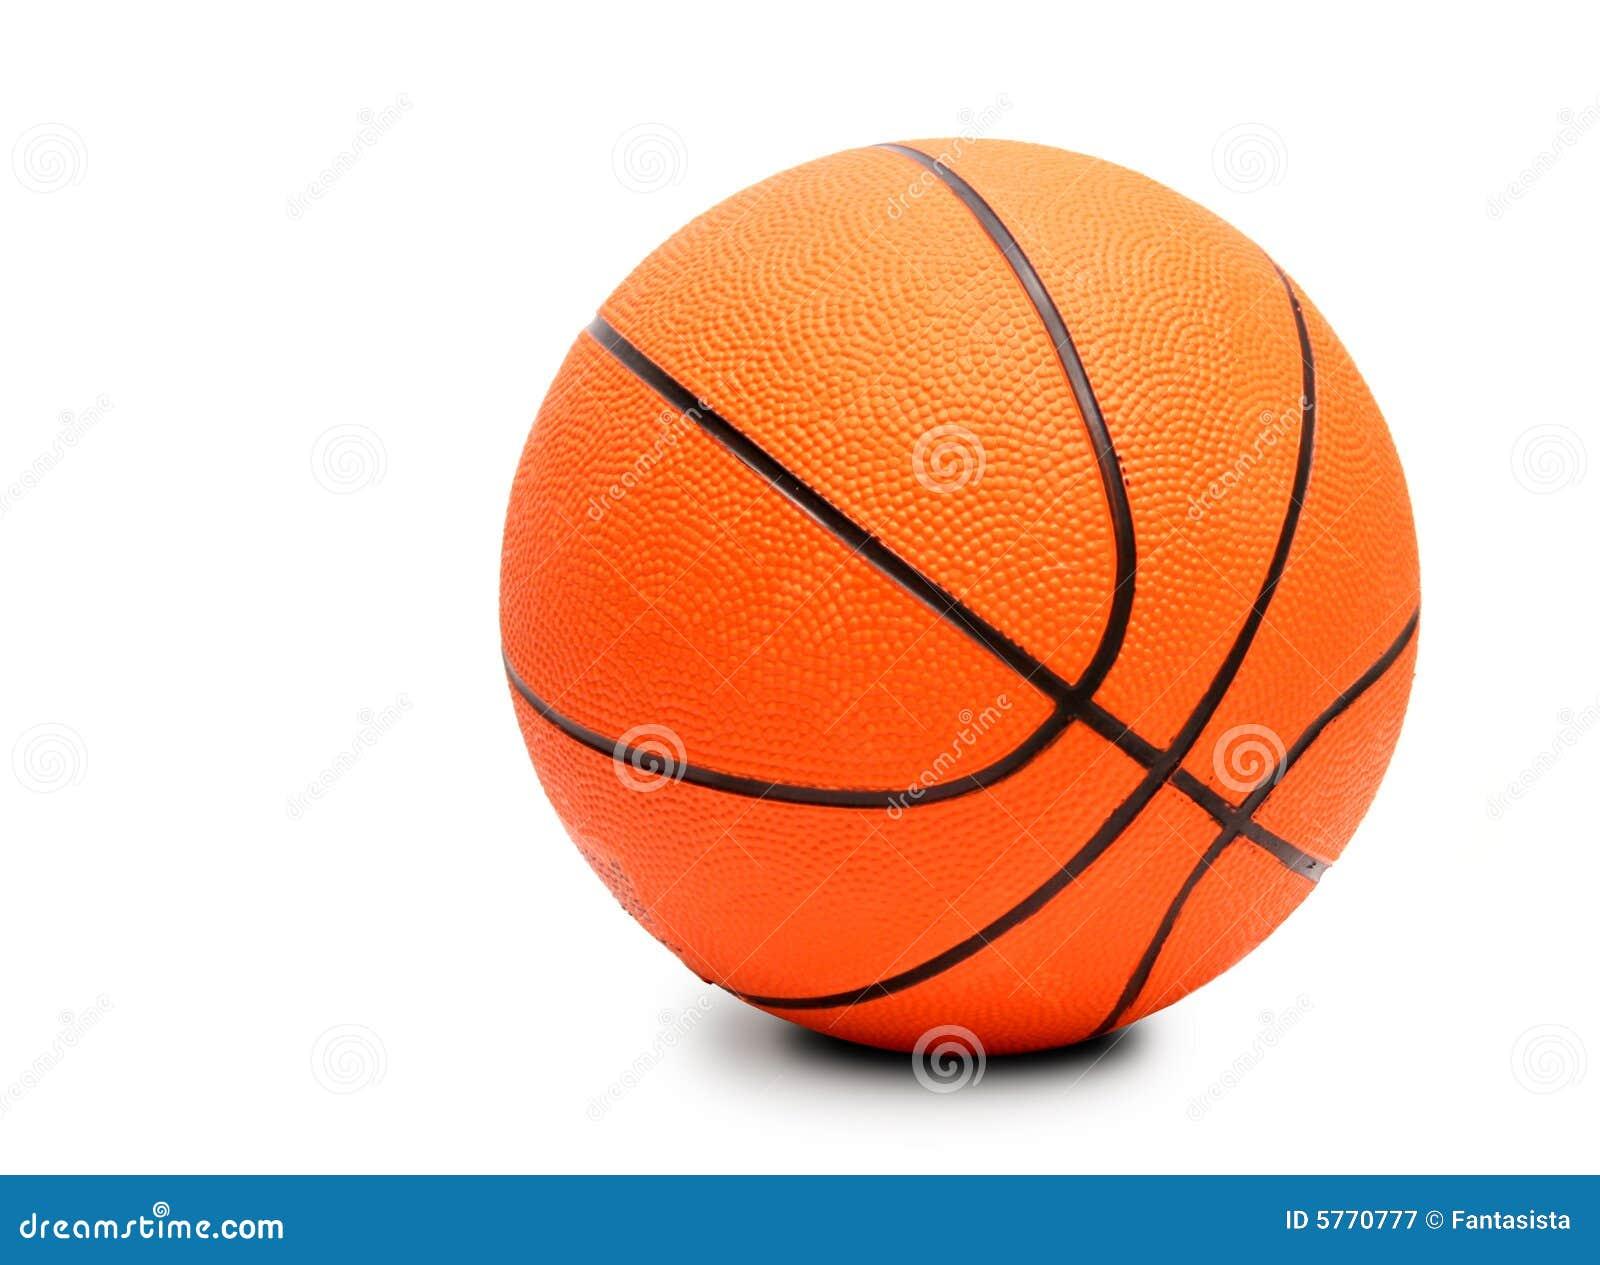 Esfera do basquetebol. Isolado no branco.